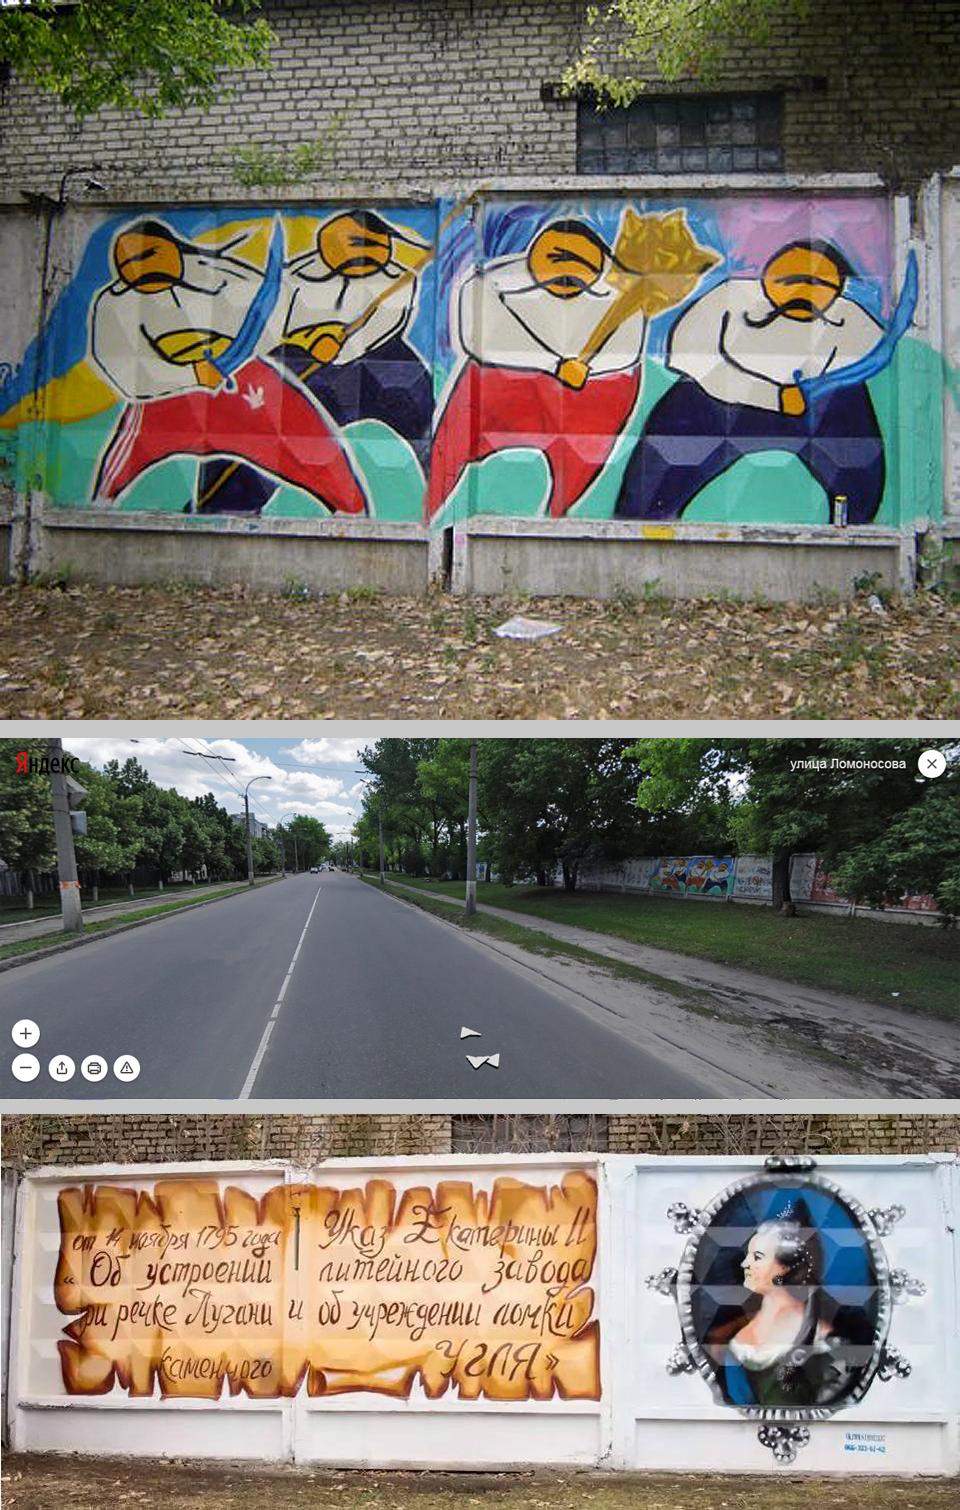 Козаки (на верхнем фото) были на одной из главных магистралей между центром Луганска и спальным жилым массивом восточных кварталов. Весной 2015 украинские граффити замалевали «новоросским» патриотизмом. В частности на месте козаков поместили Екатерину ІІ с указом об основании Луганского завода